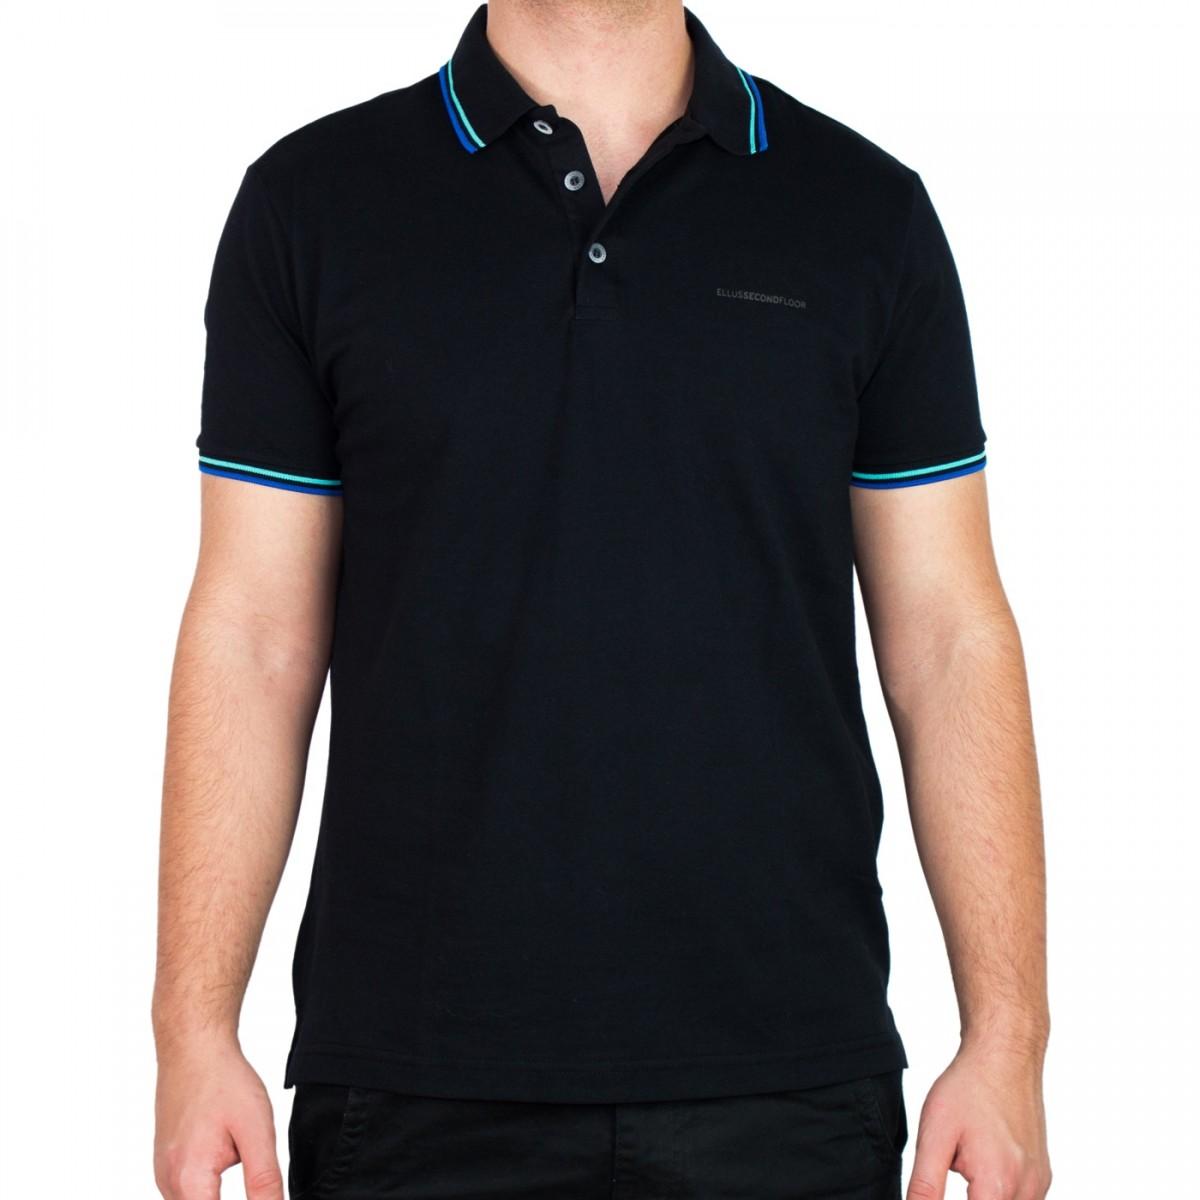 6f70f23ea2 Bizz Store - Camisa Polo Masculina Ellus Second Floor Piquet